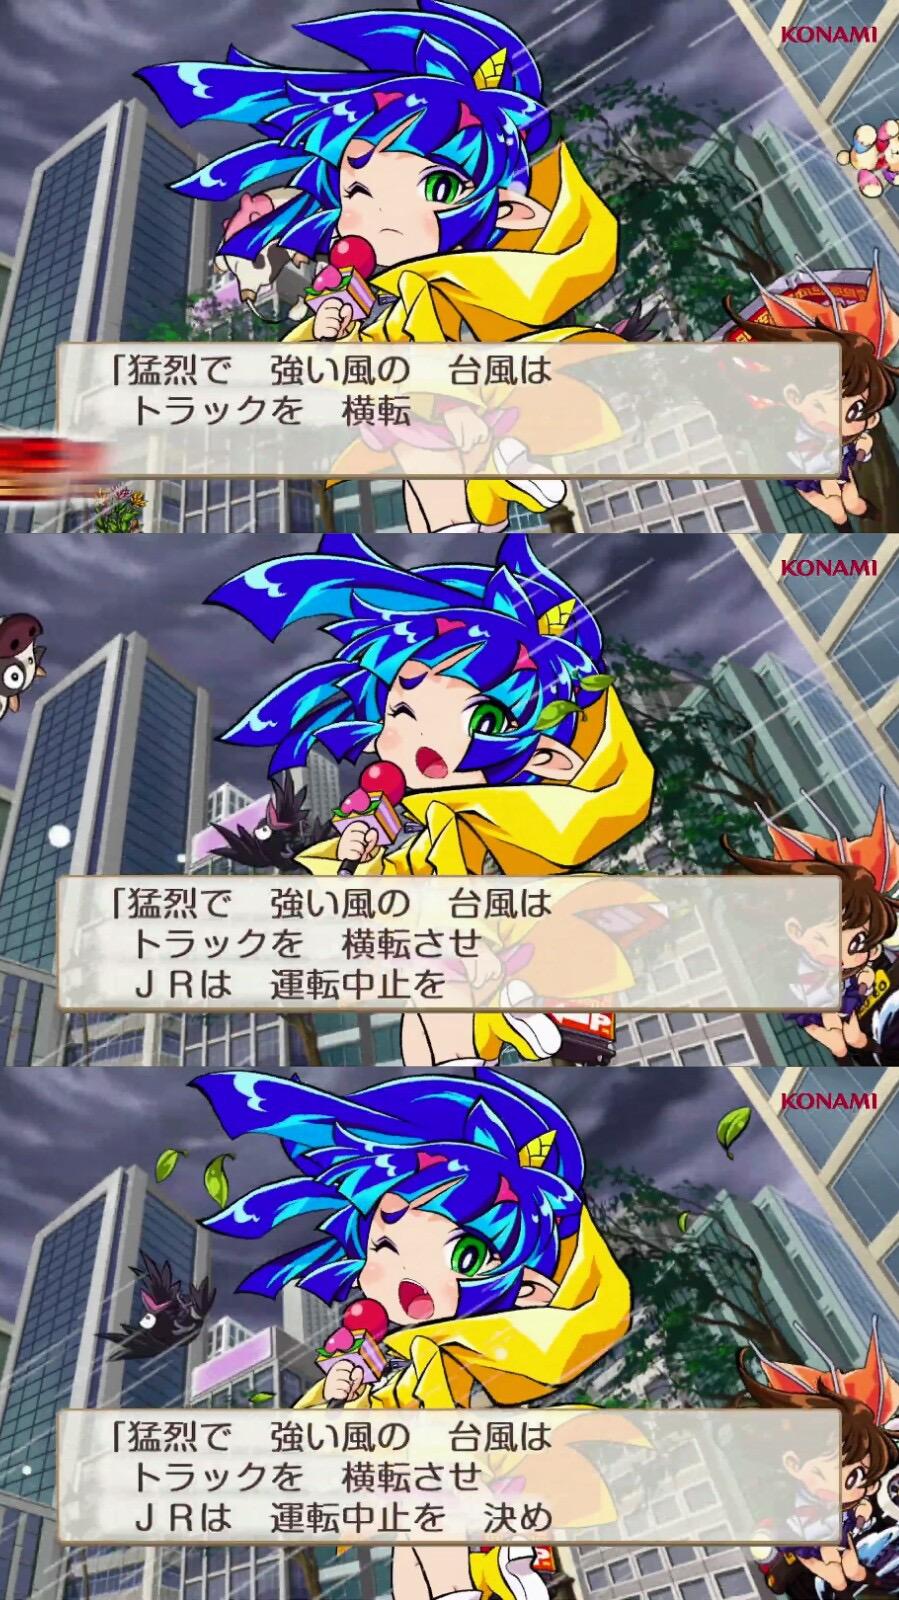 XoWtqaQ - 【画像】桃太郎電鉄2020 キャラデザがぷよぷよの人に変更されコレジャナイと批判殺到